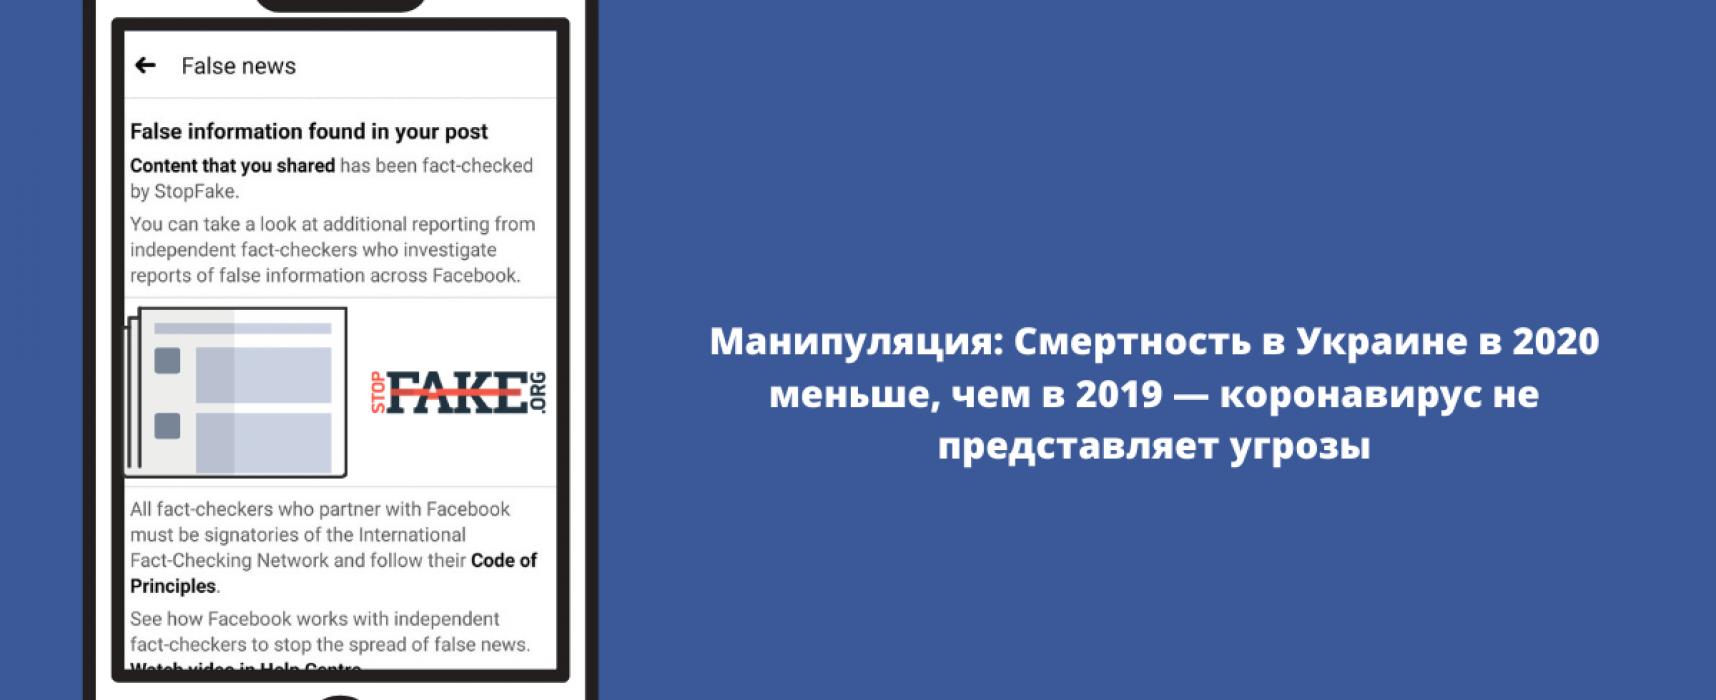 Манипуляция: Смертность в Украине в 2020 году меньше, чем в 2019-м — коронавирус не представляет угрозы